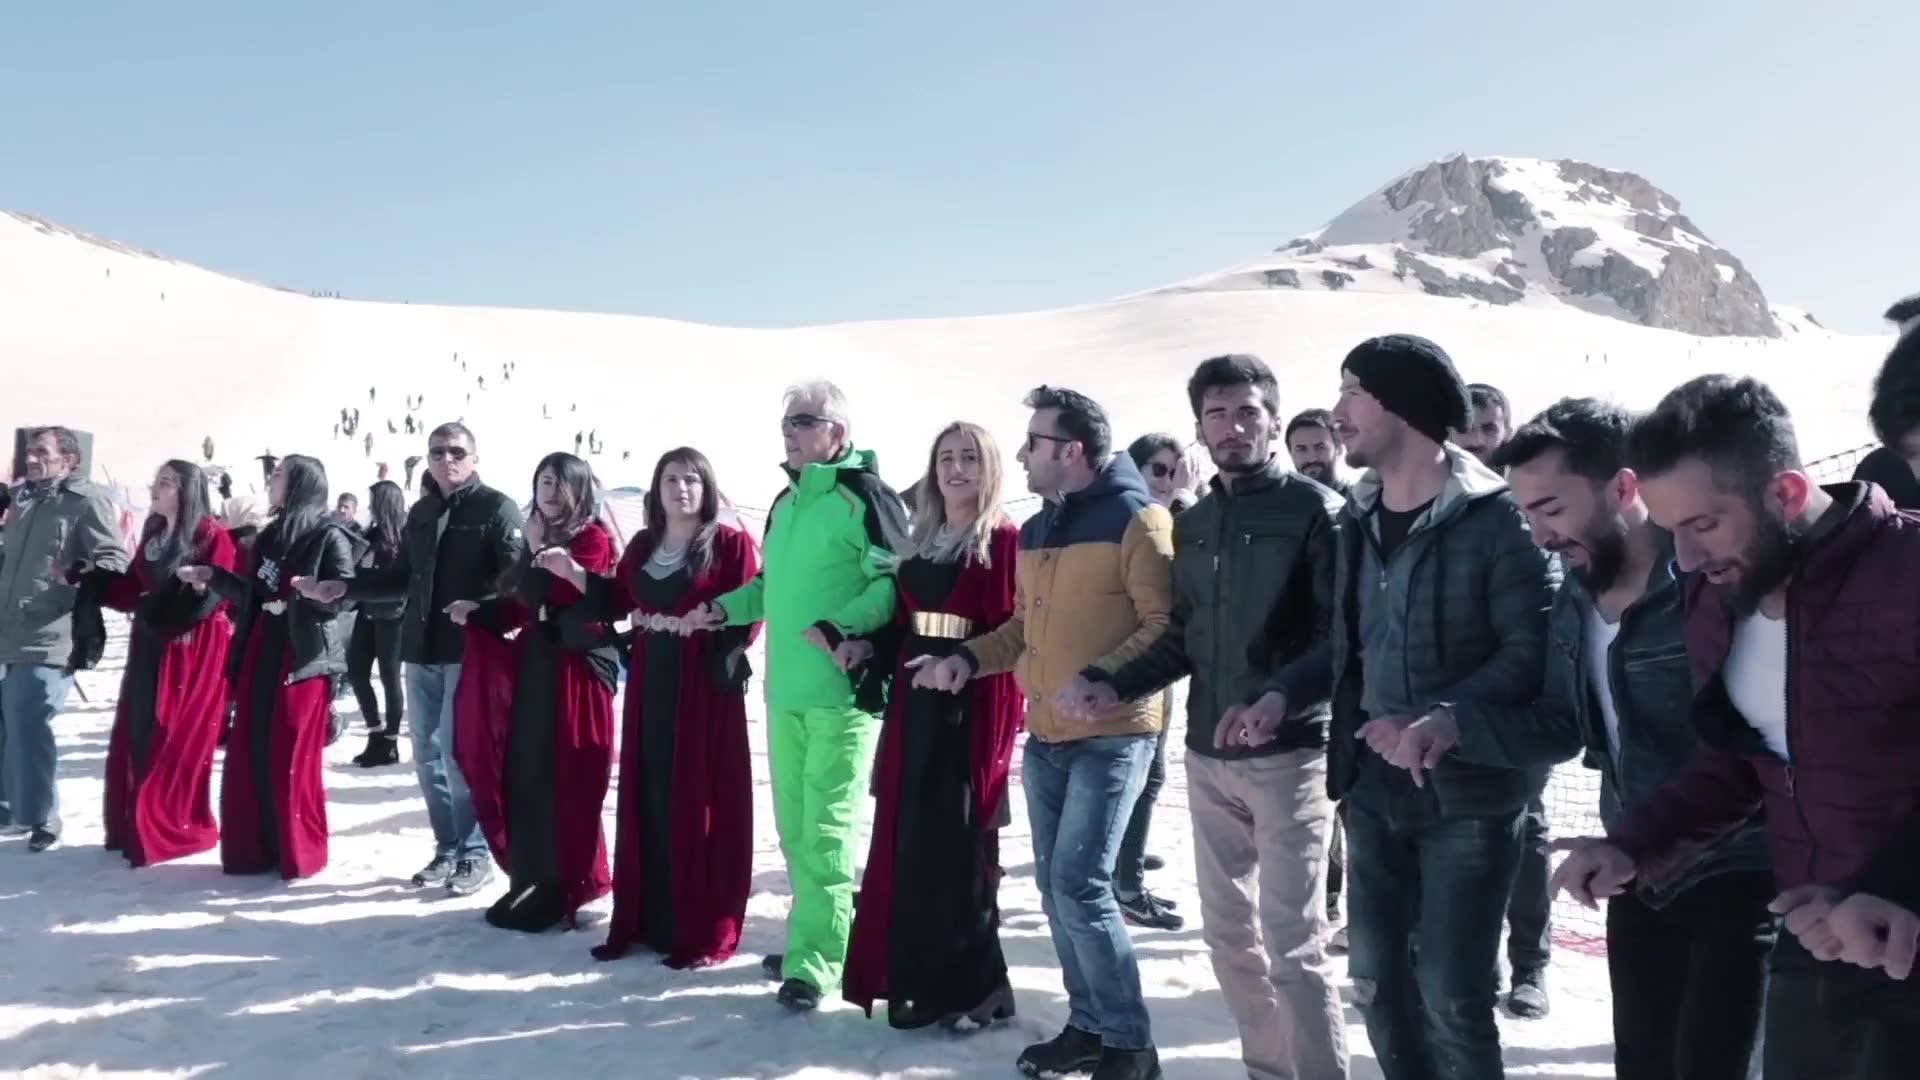 Hakkari Kar Festivali